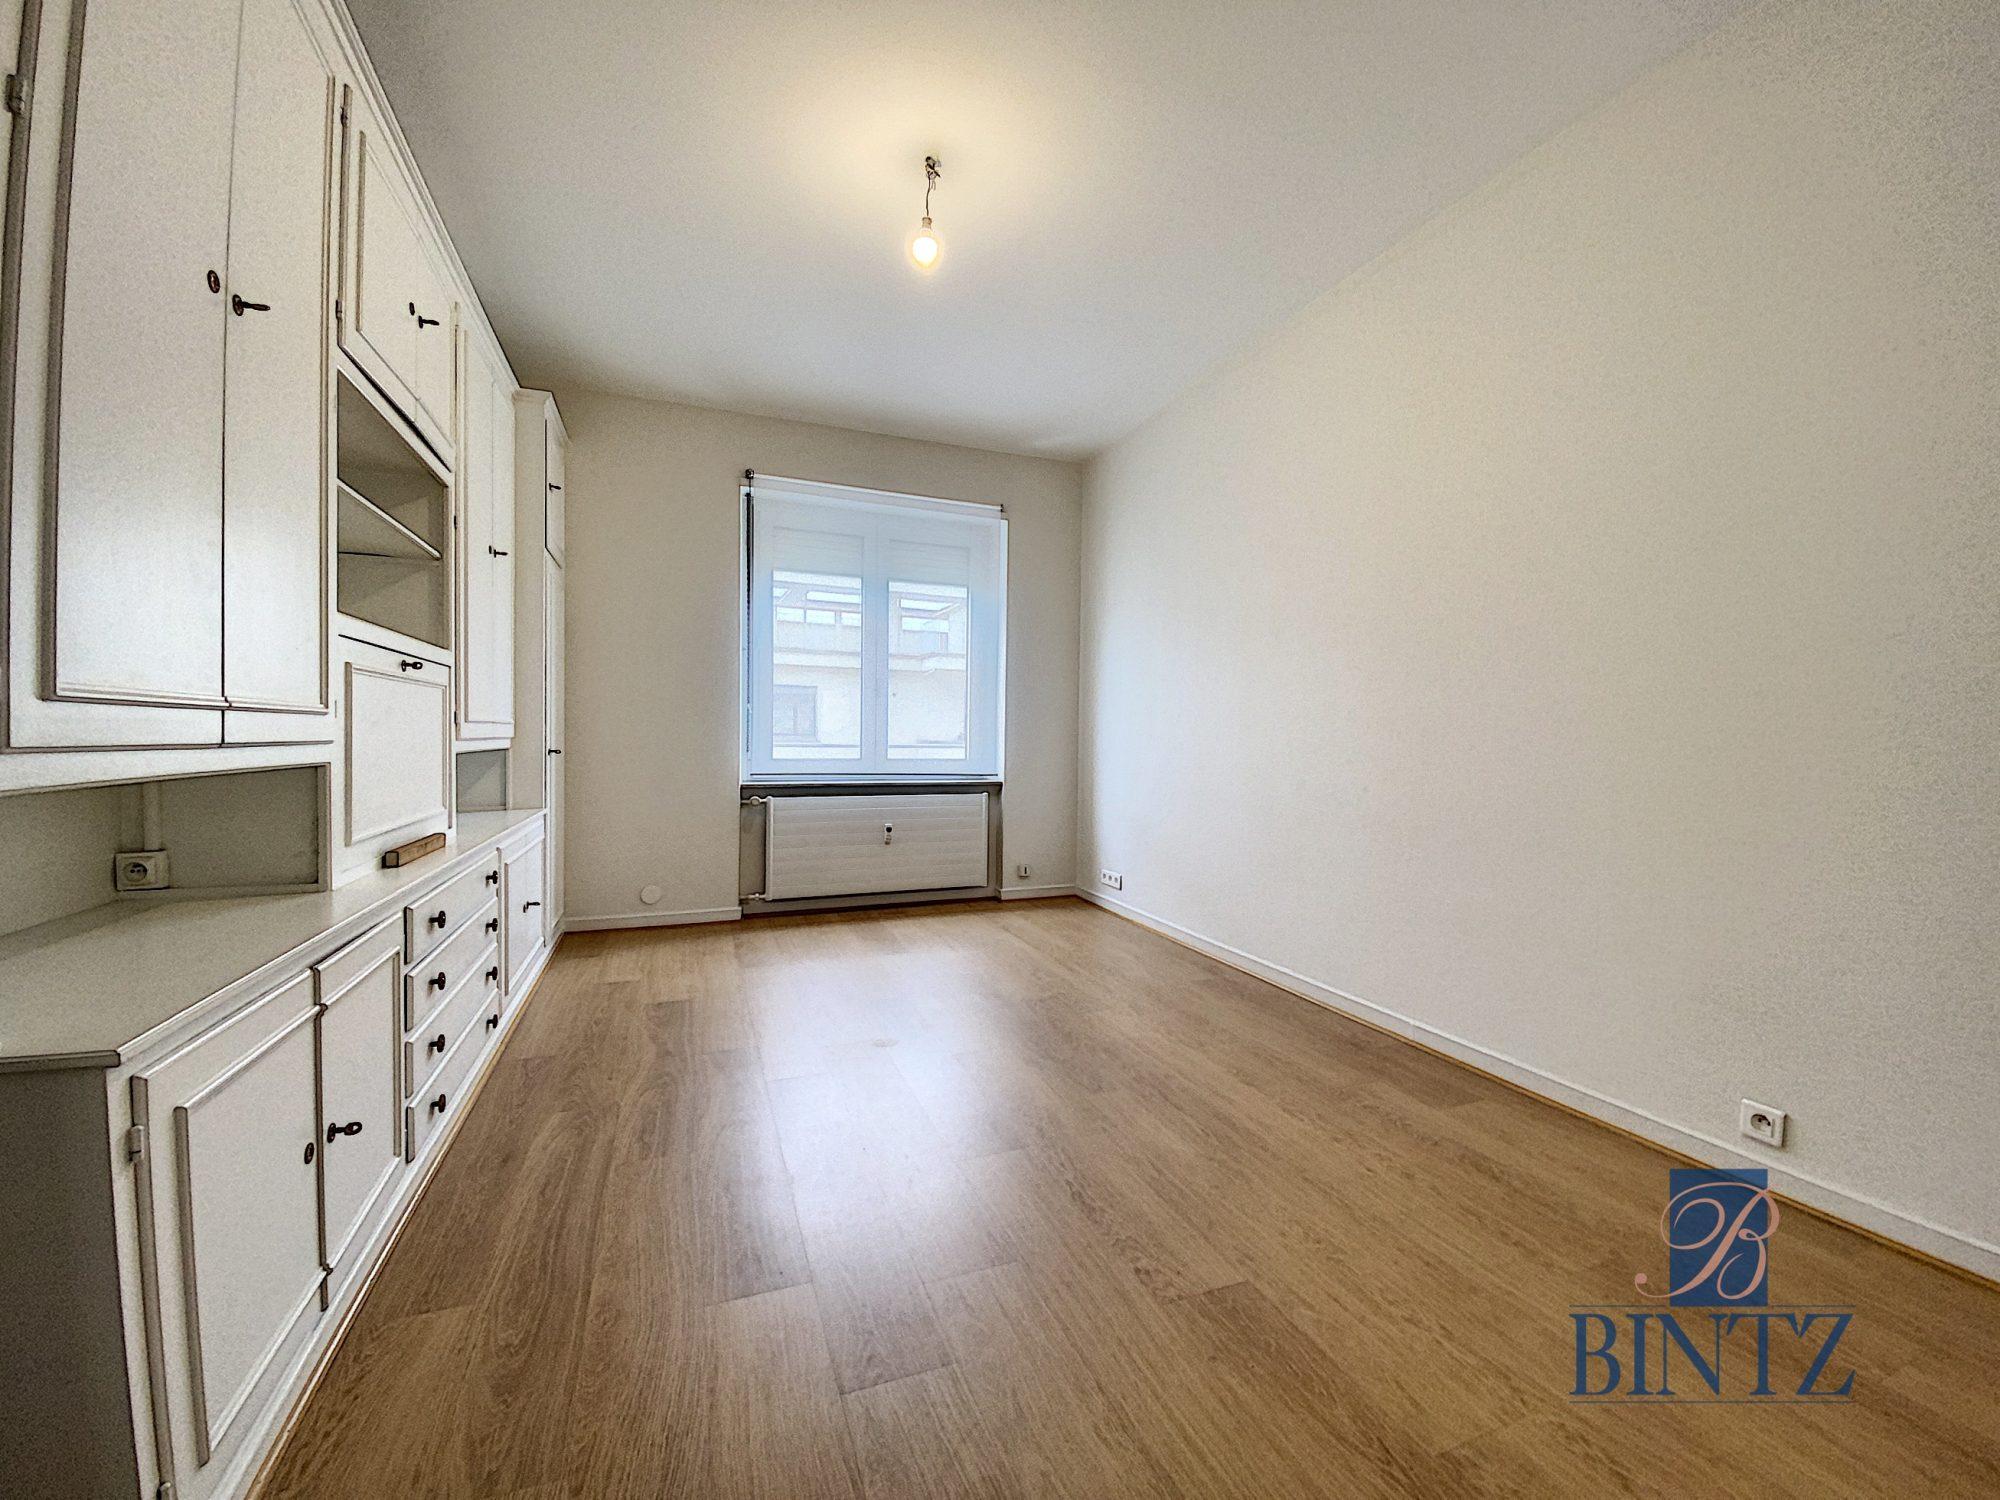 5 PIÈCES QUARTIER CONTADES - Devenez locataire en toute sérénité - Bintz Immobilier - 7